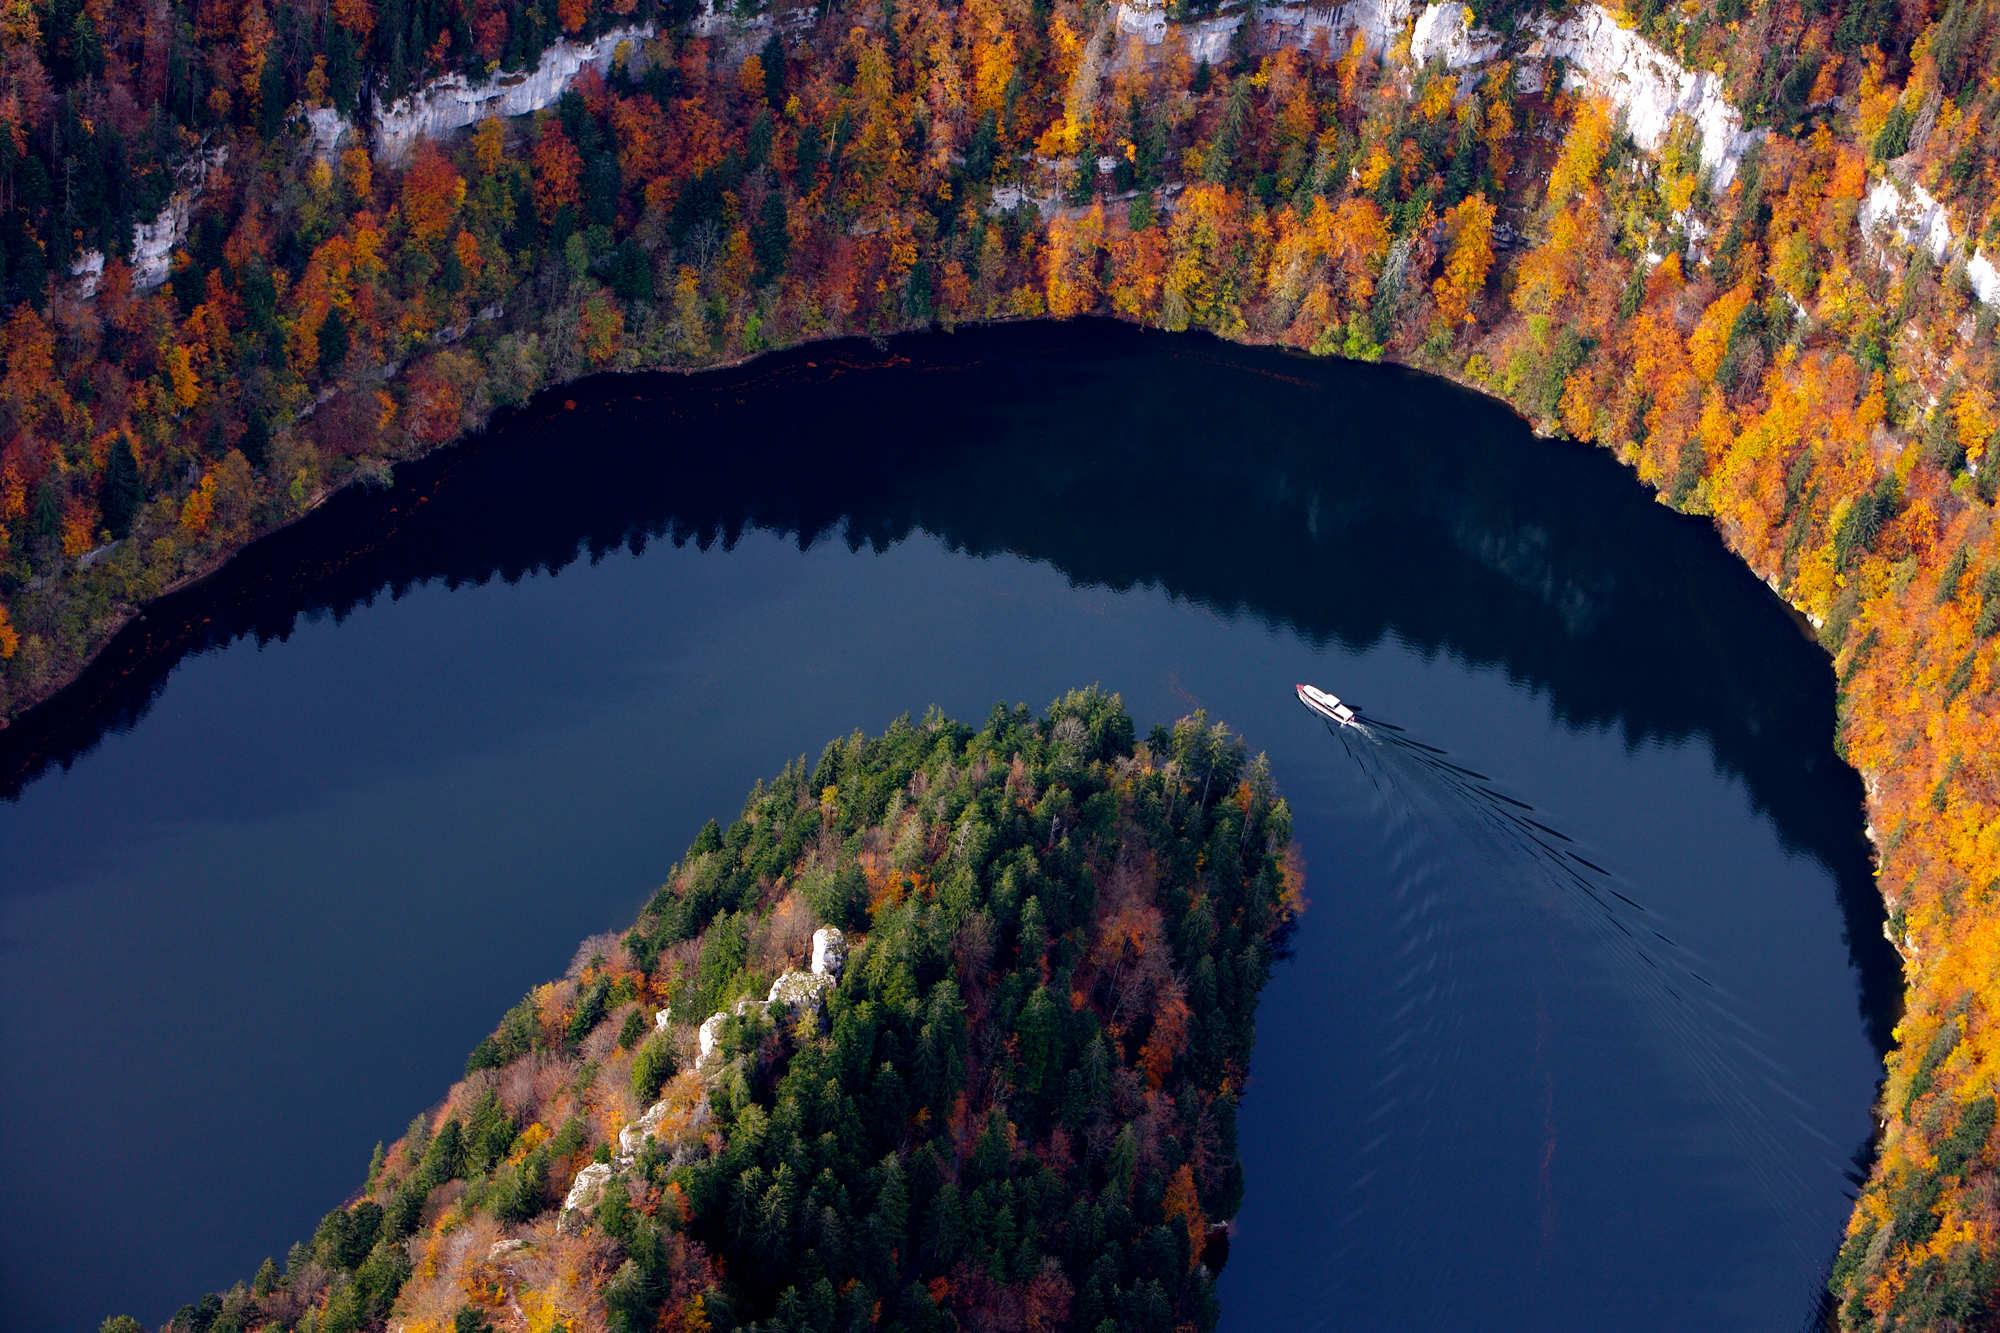 saut du doubs automne, bassins, bateau falaises doubs jura pays horloger